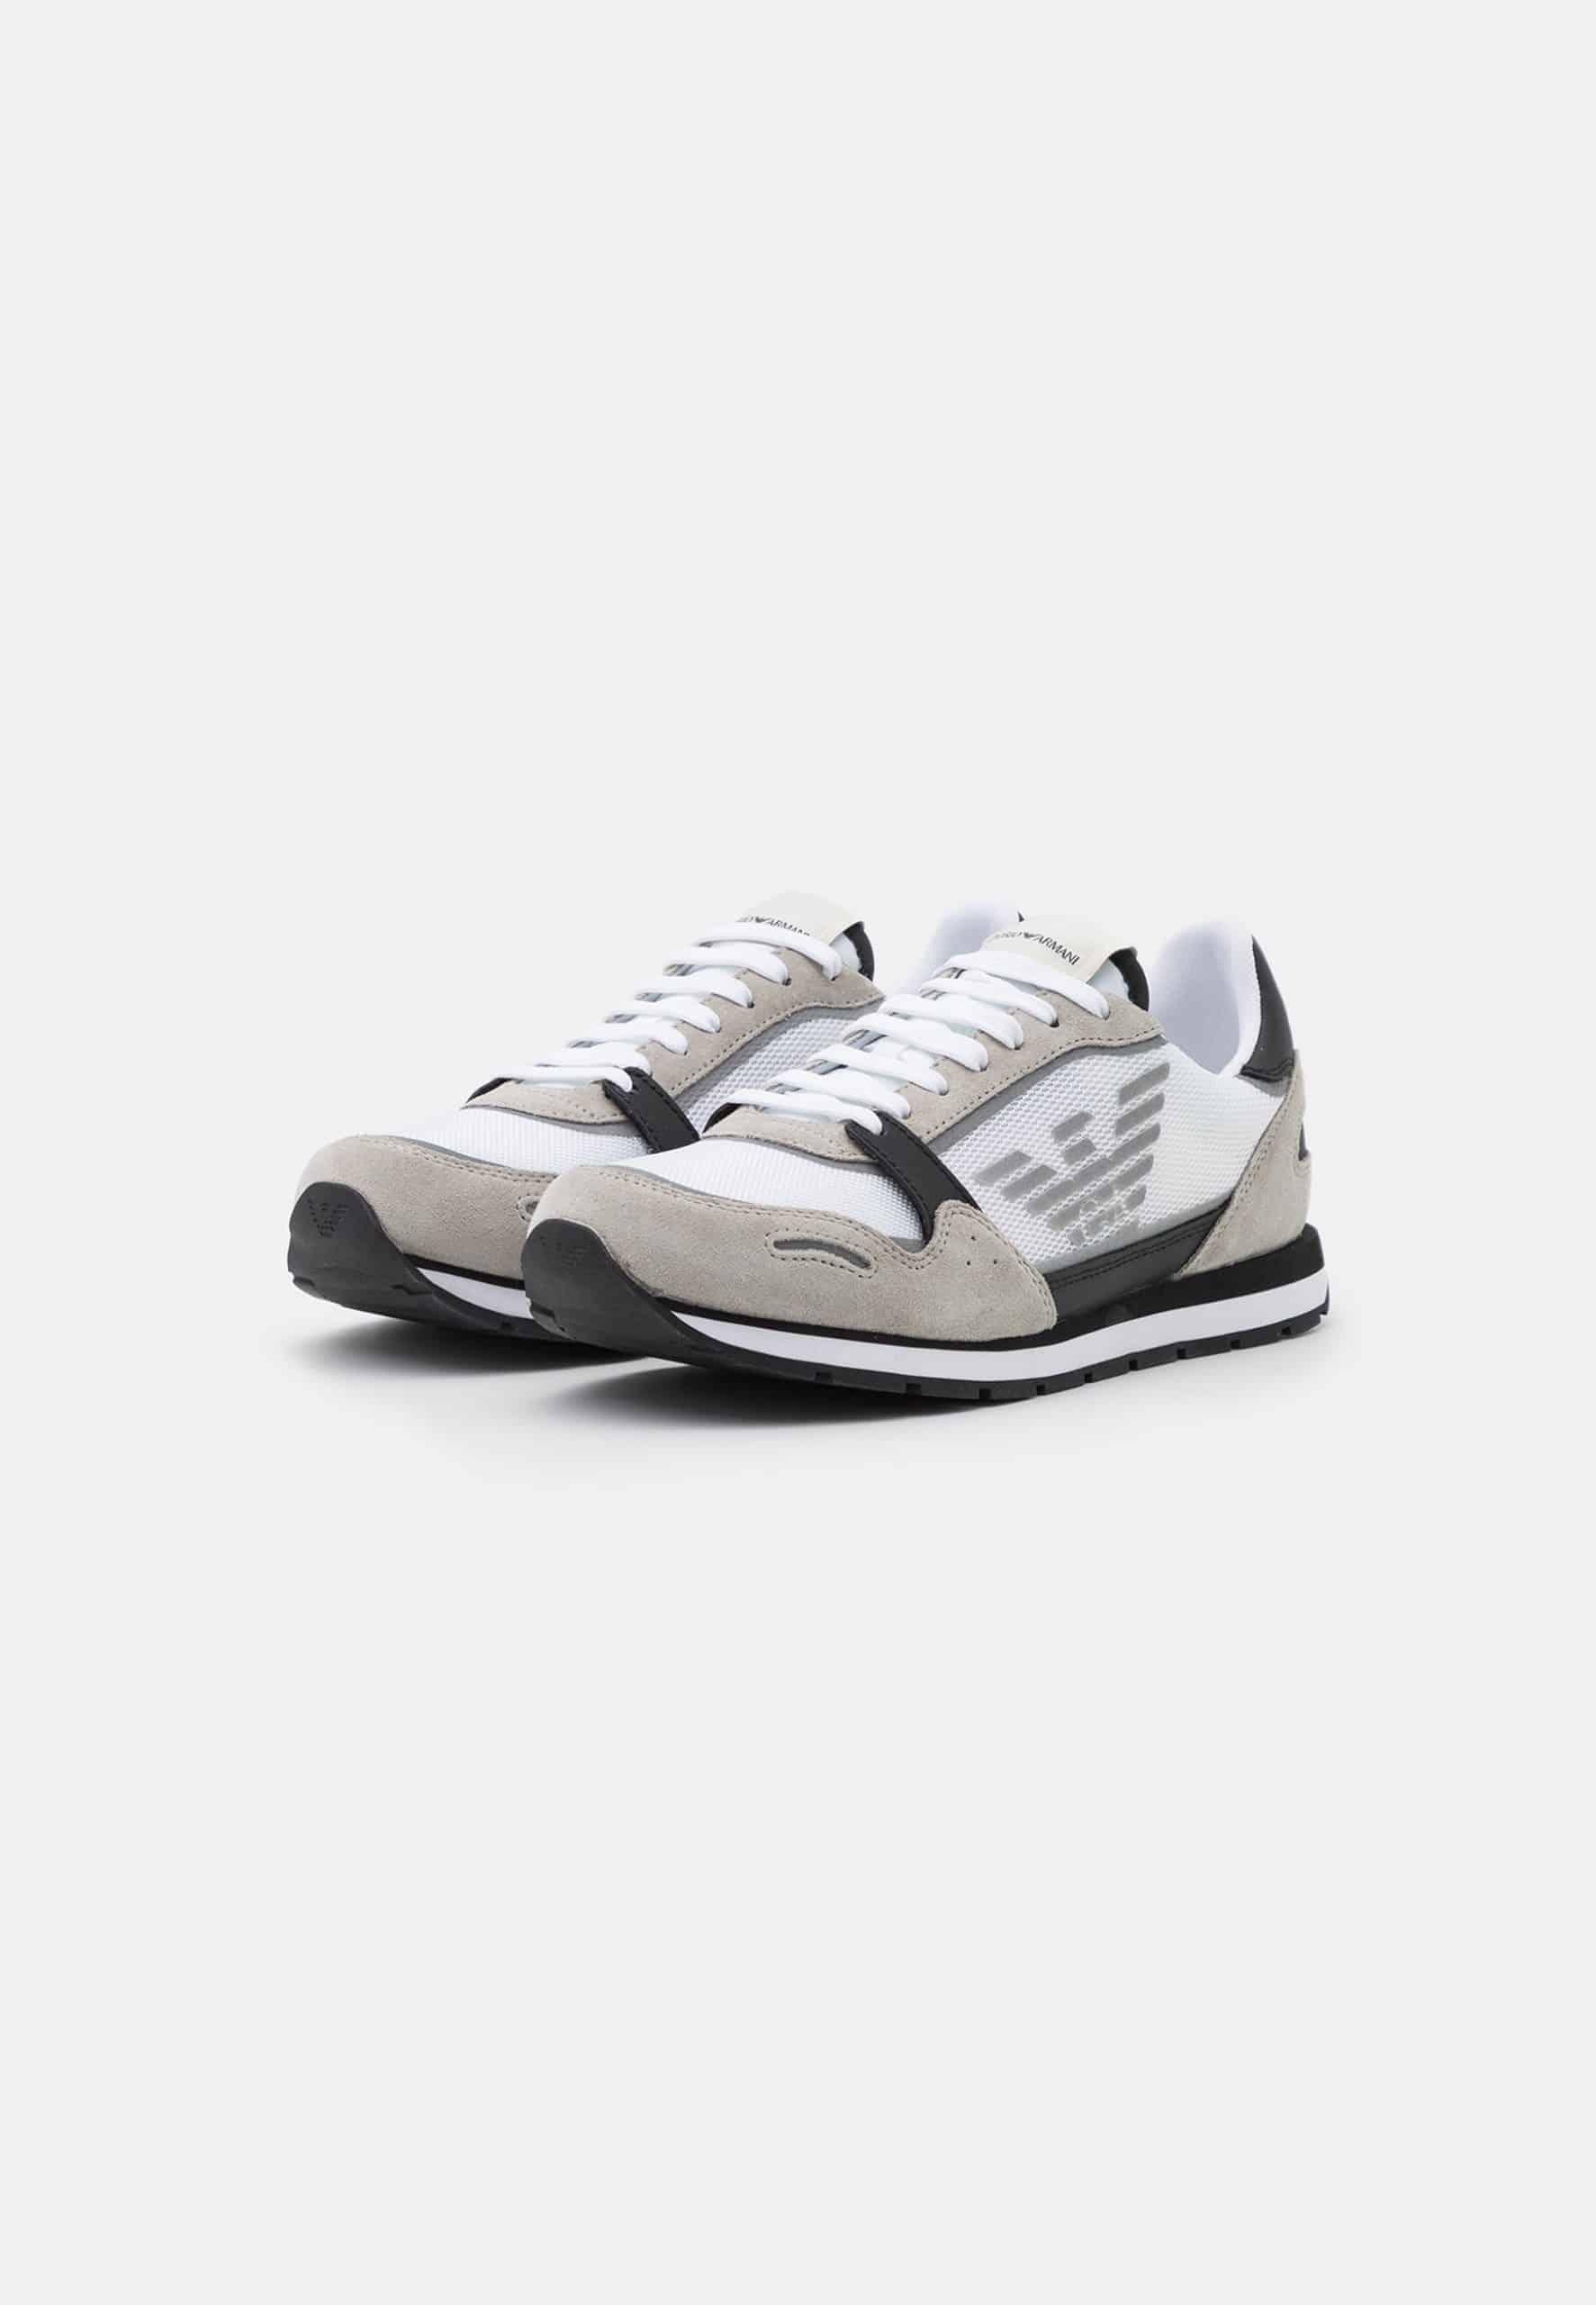 Emporio Armani Sneaker Beige